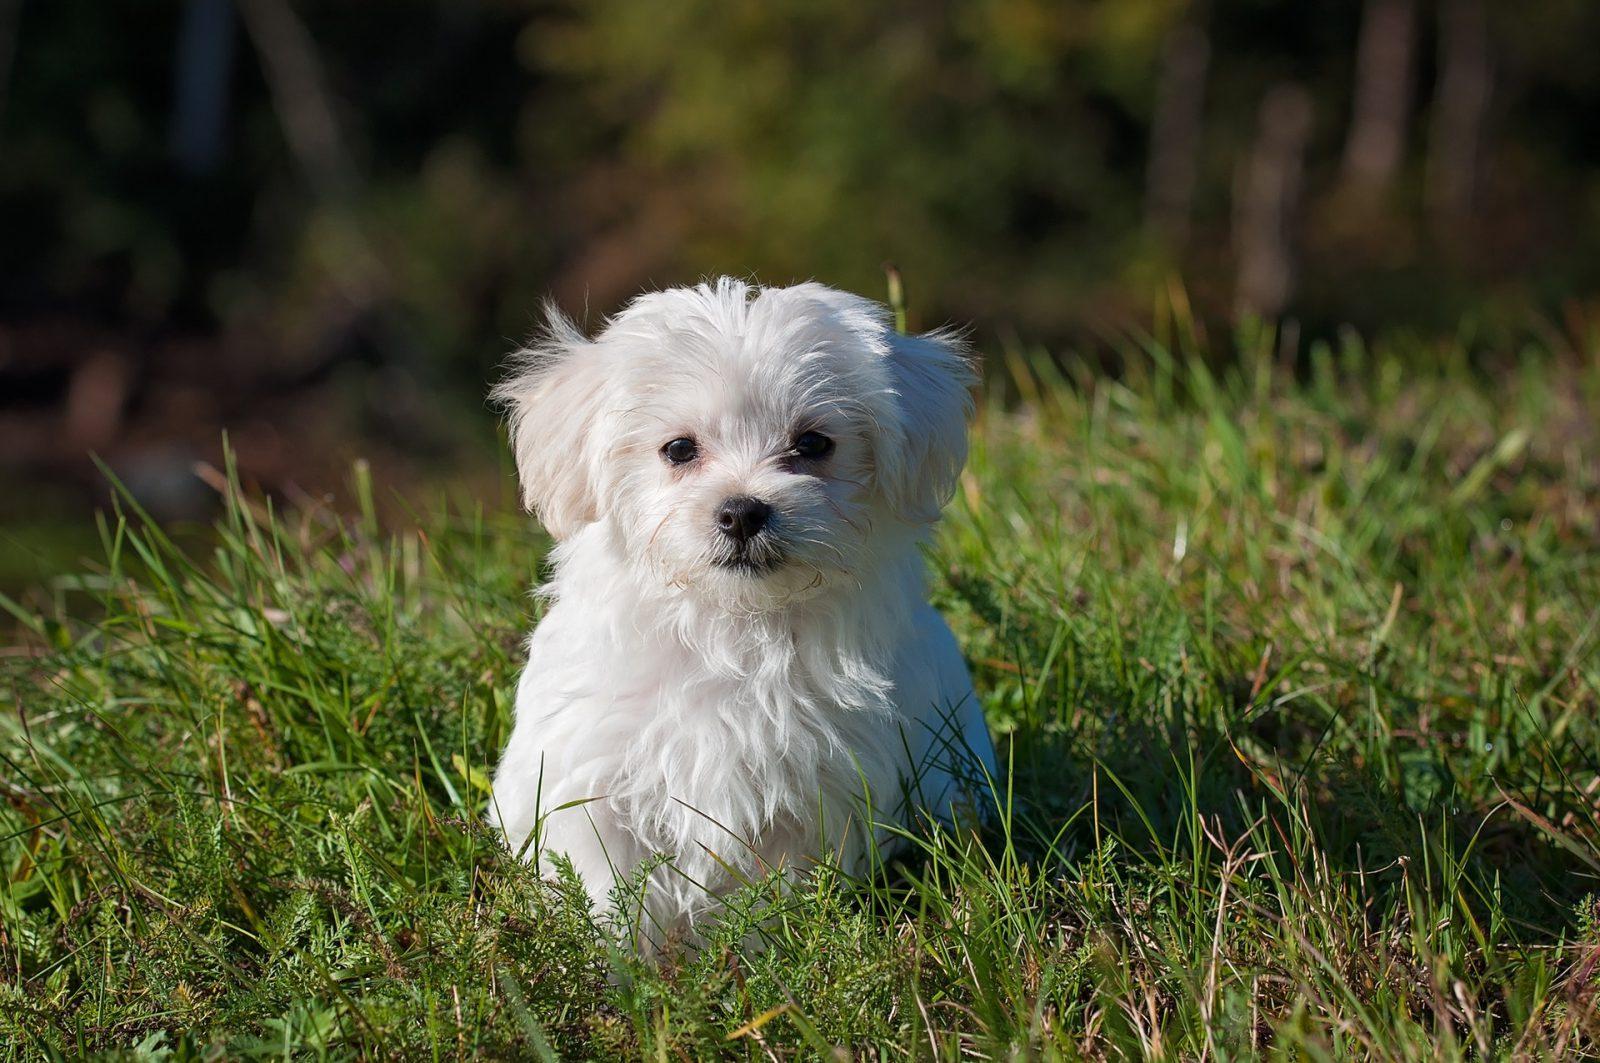 Sonhar com filhote de cachorro branco significa que as áreas da sua vida estão se desenvolvendo bem.